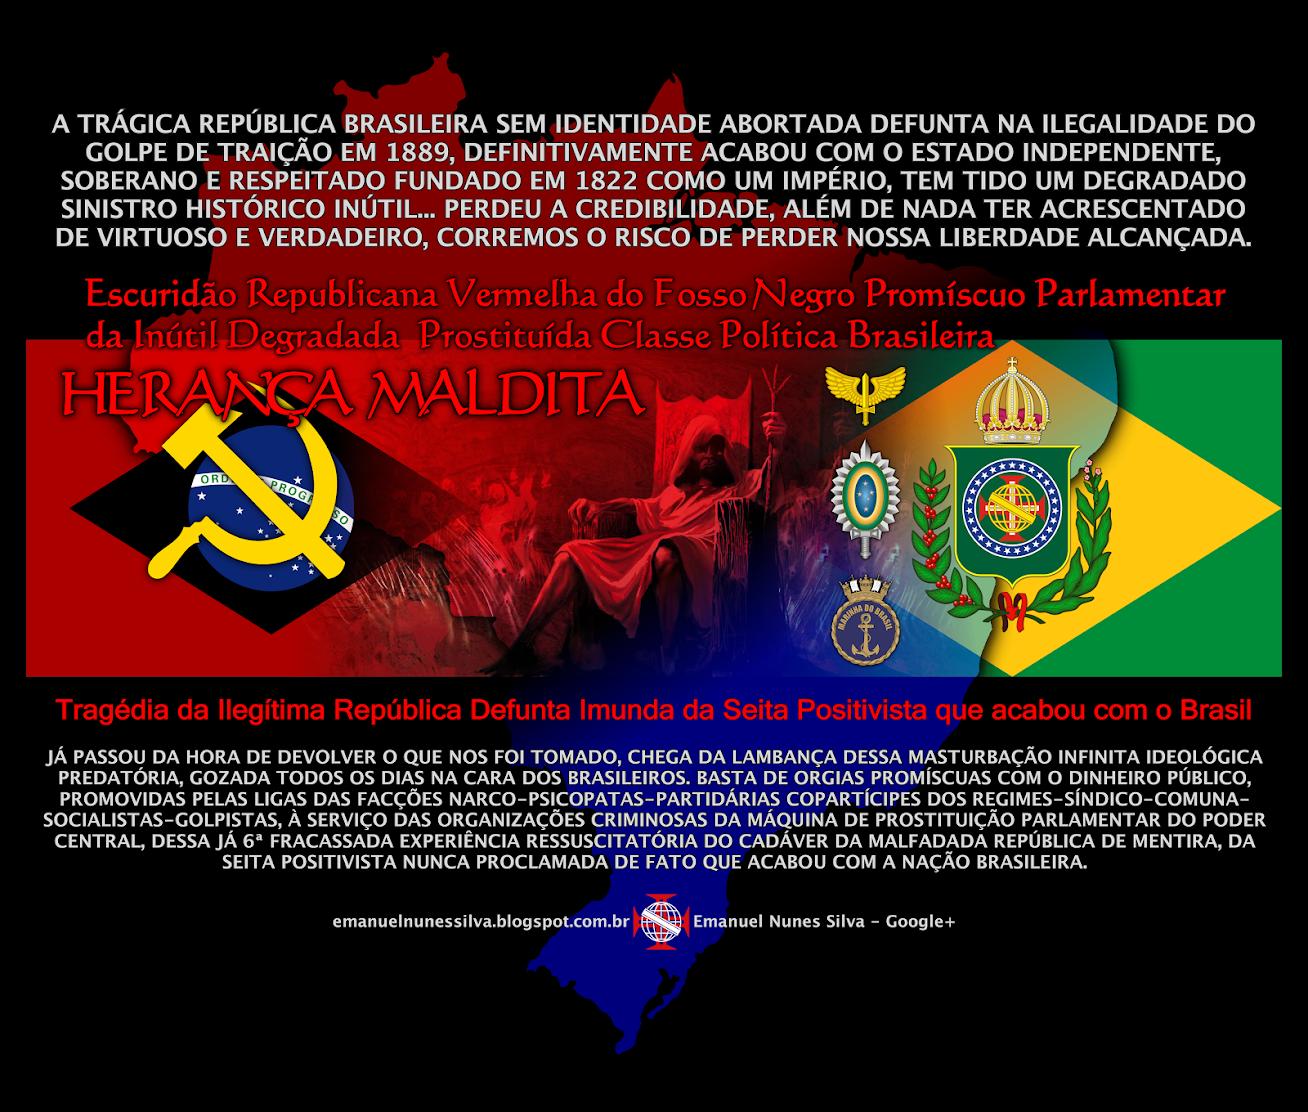 Emanuel Nunes Silva - Blog I - MINHA FÉ SÃO MEUS DISCERNIMENTOS